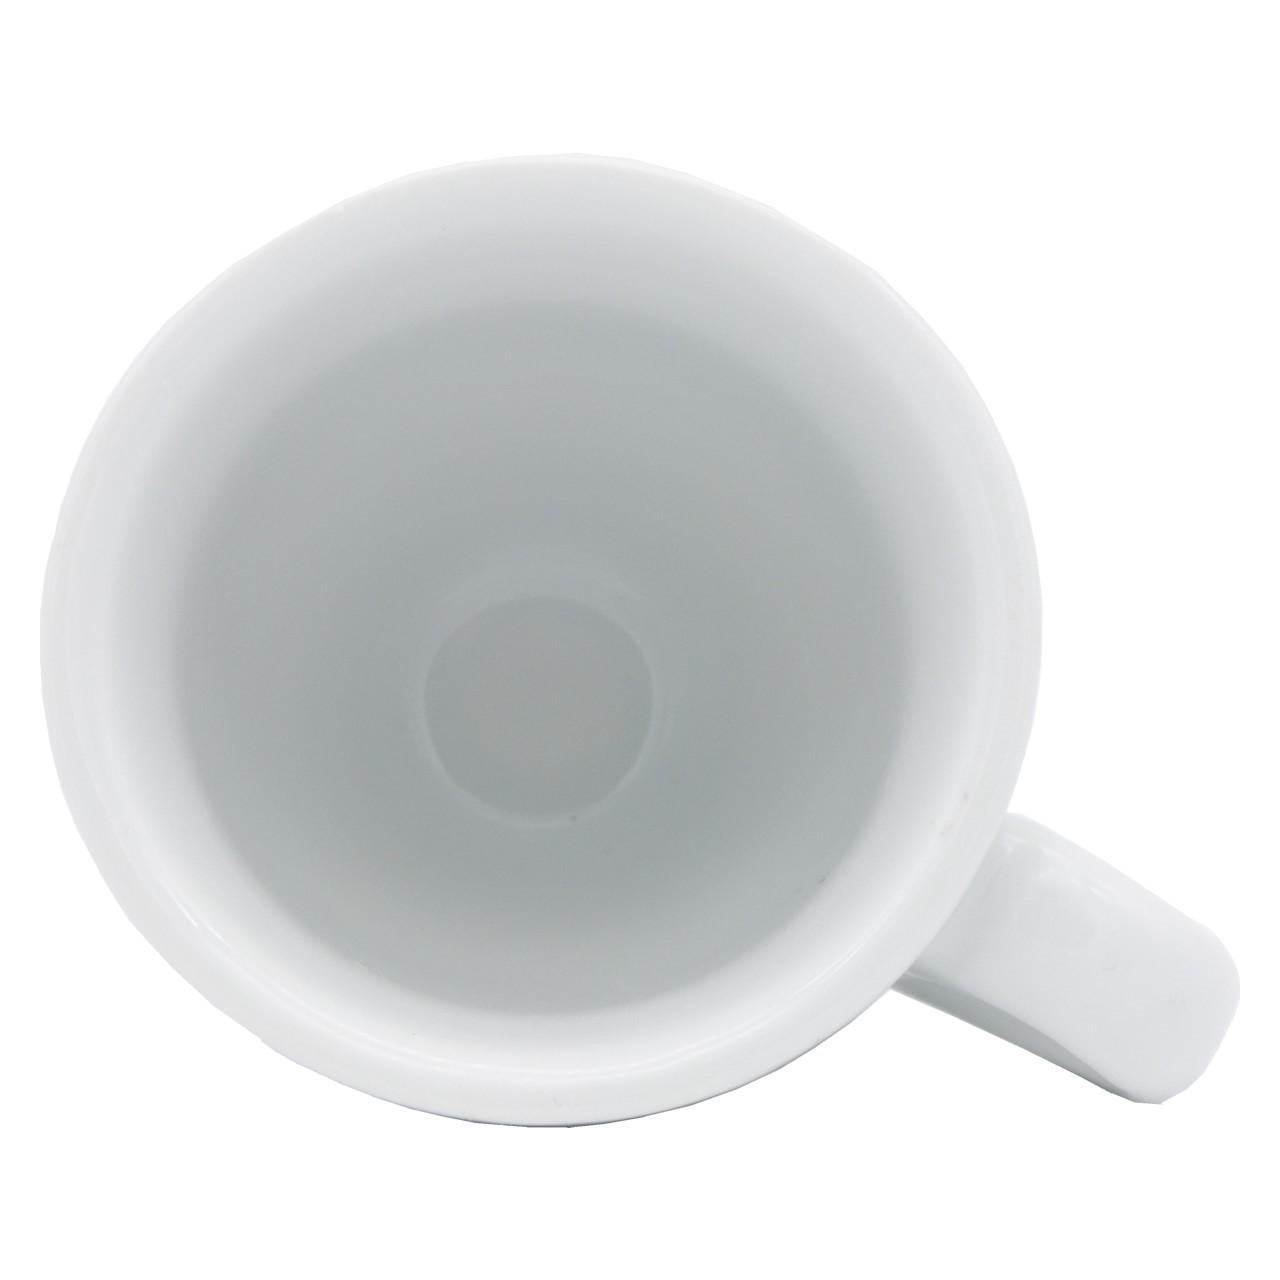 """Bild von Espresso Tasse """"Cafés Ibiza"""" aus weißer Keramik (50 ml)"""